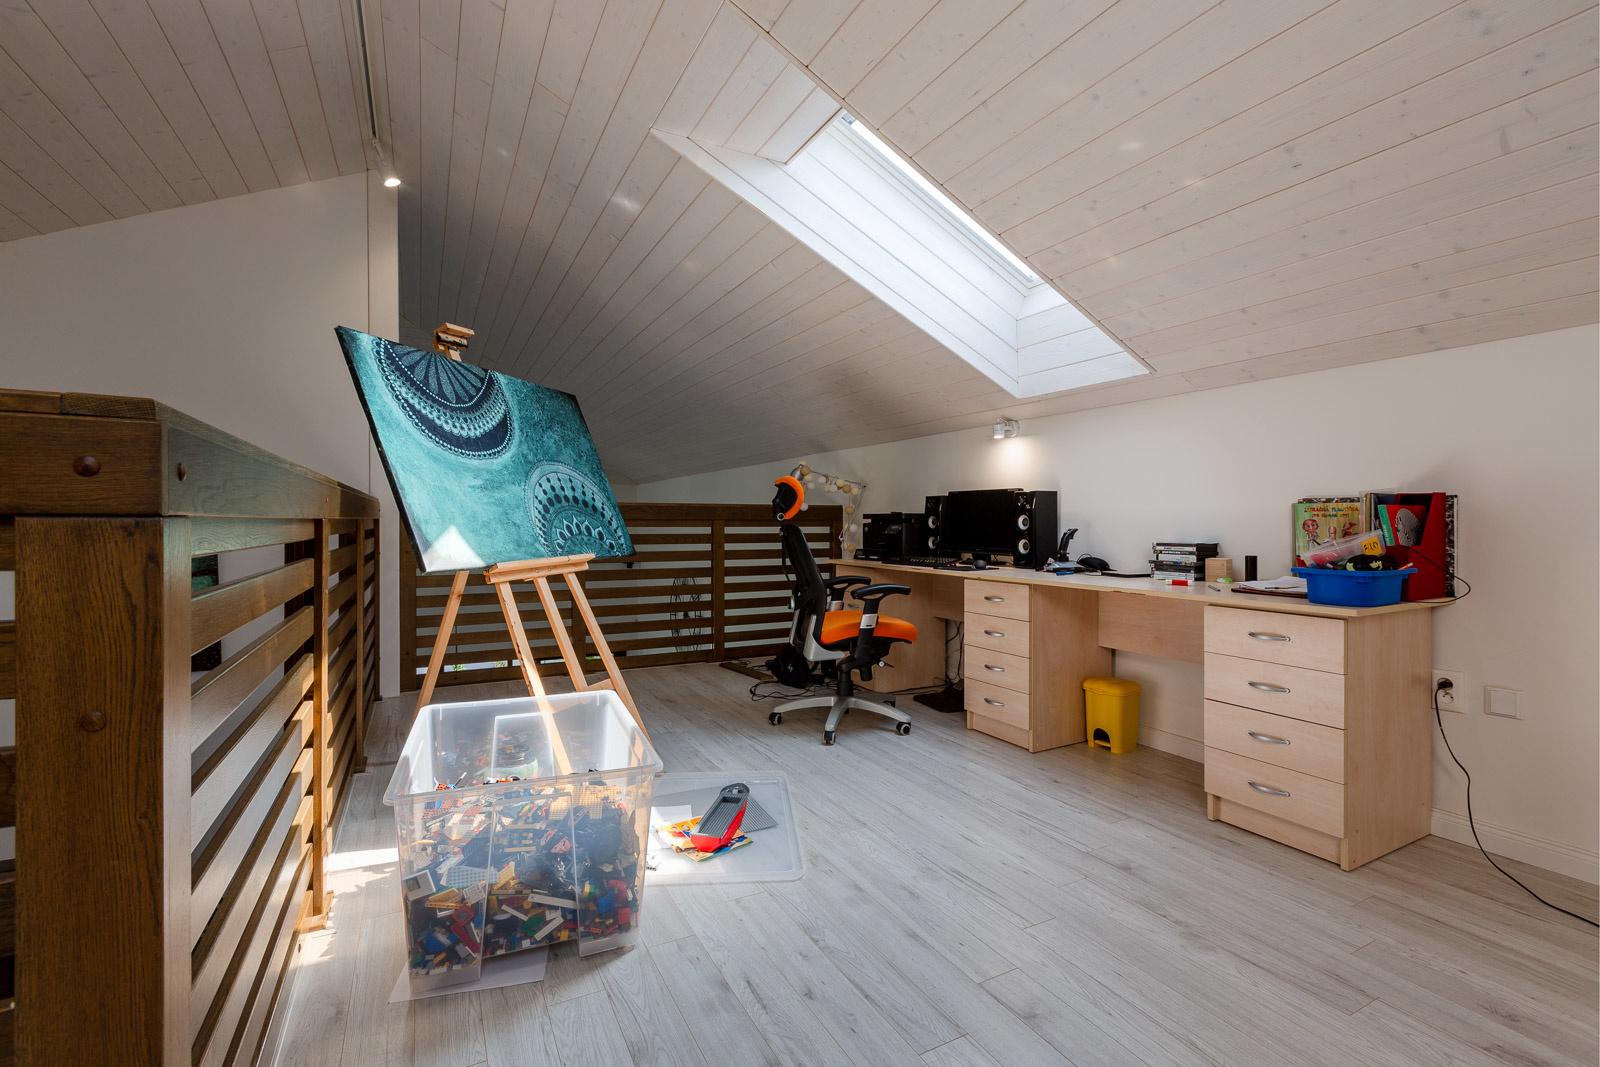 Jedinou miestnosťou na poschodí je malá pracovňa s výhľadom do obývacej izby. Dostatok denného svetla a čerstvého vzduchu tu zabezpečuje strešné okno VELUX.